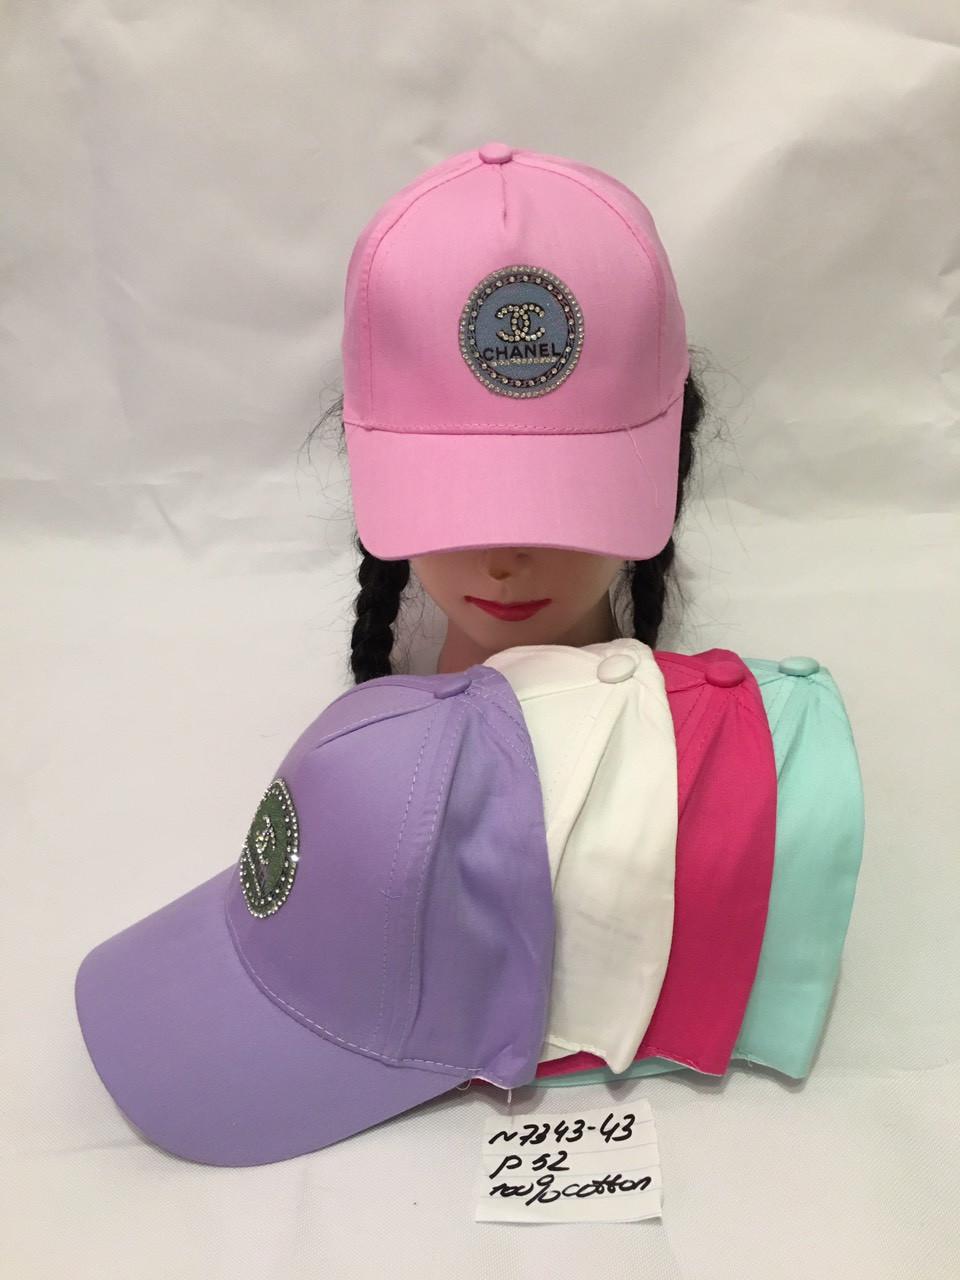 Стильная летняя детская кепка для девочки р.52 100% cotton